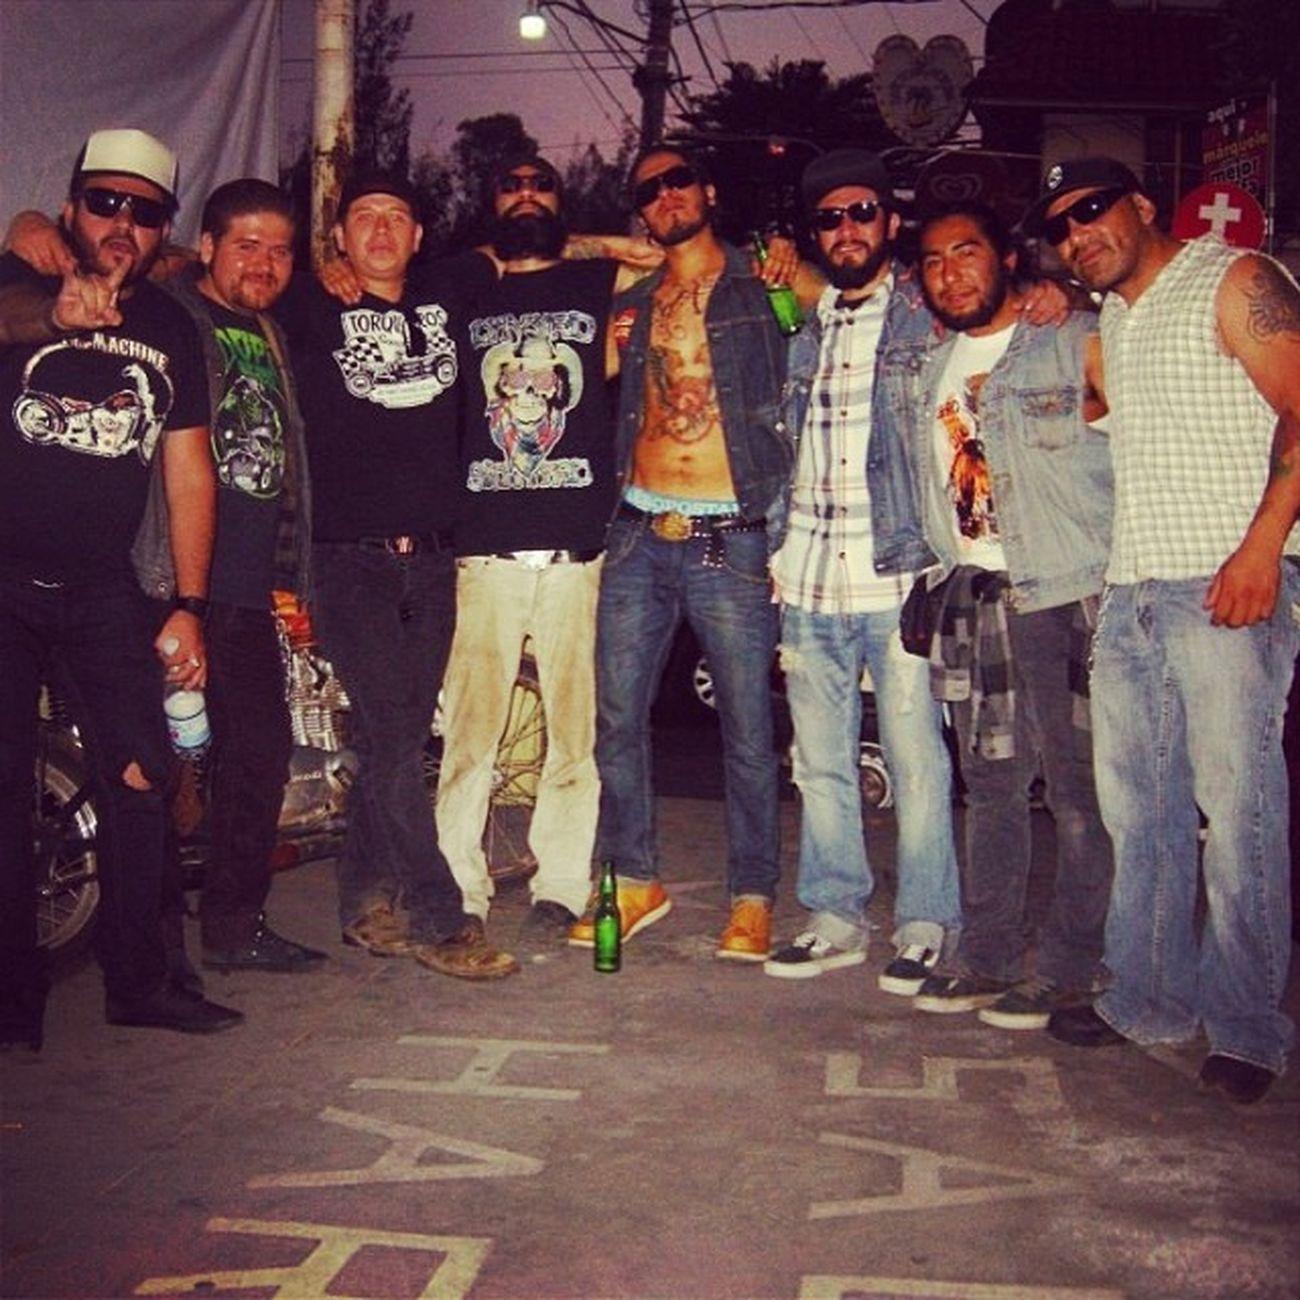 Ftw Tattoo Cfl Motorcycleclub MC Dromc Jibaros